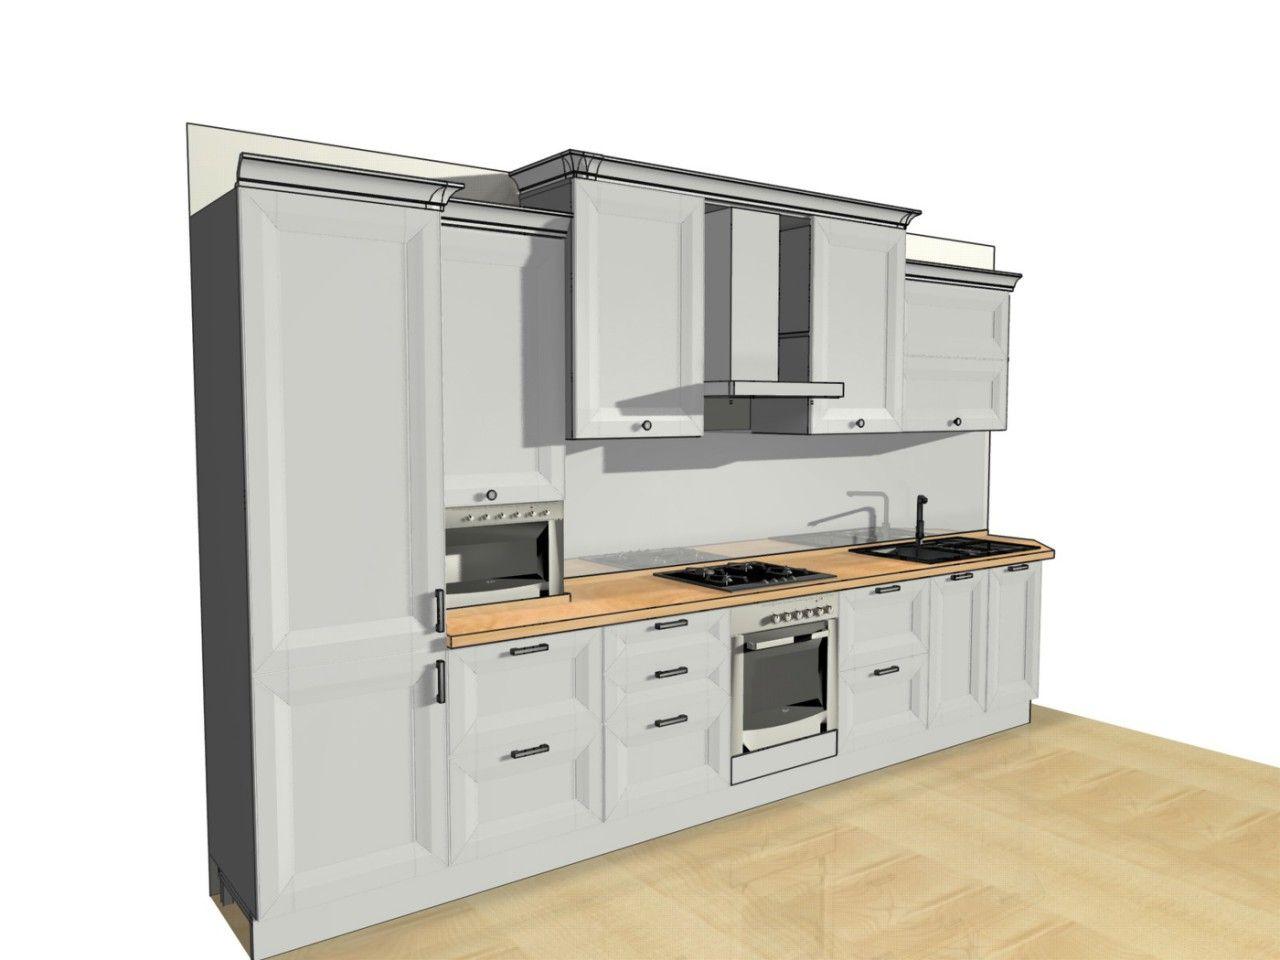 макет Pro100 макет кухни кухня белая кухни со встроенной техникой